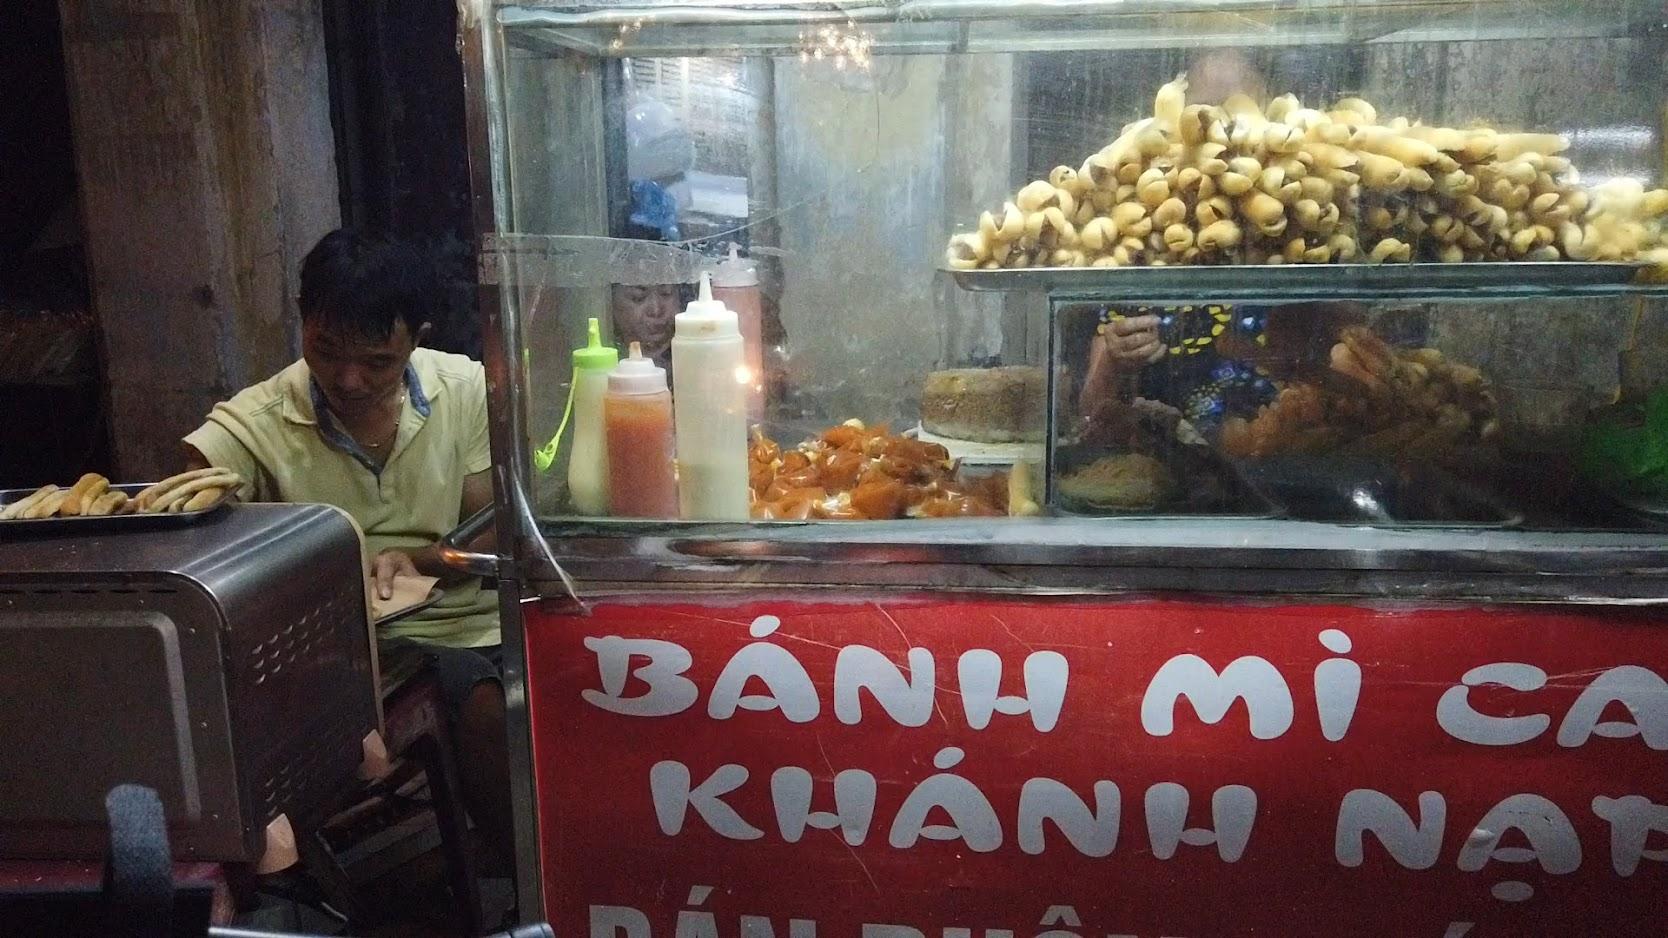 Bánh mỳ cáy Khánh Nạp nổi tiếng đường Hàng Kênh ở Hải Phòng 5